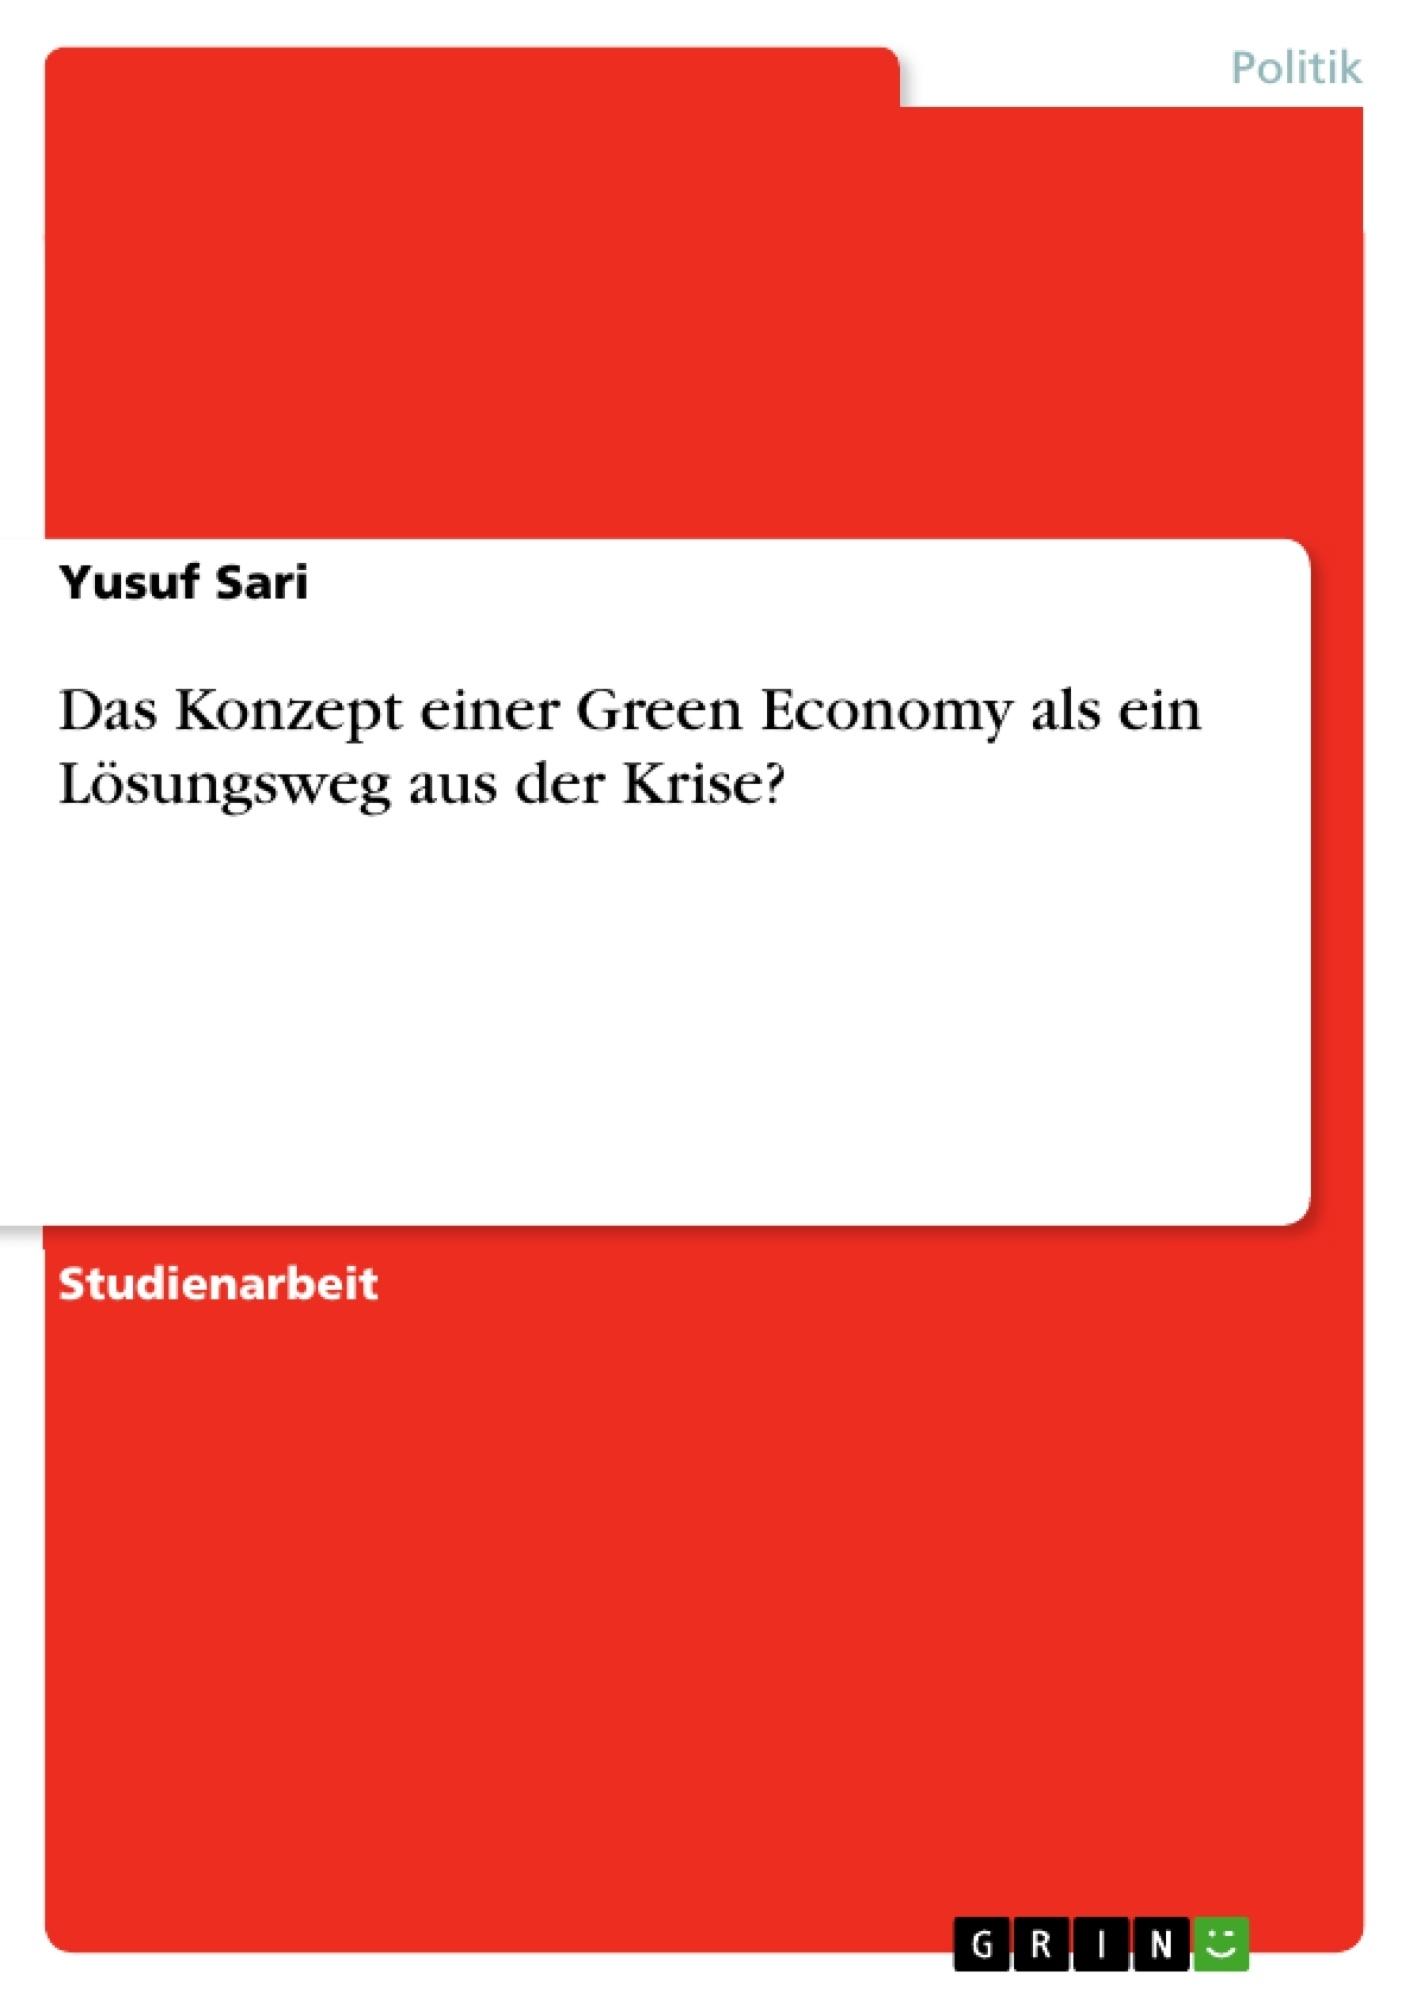 Titel: Das Konzept einer Green Economy als ein Lösungsweg aus der Krise?